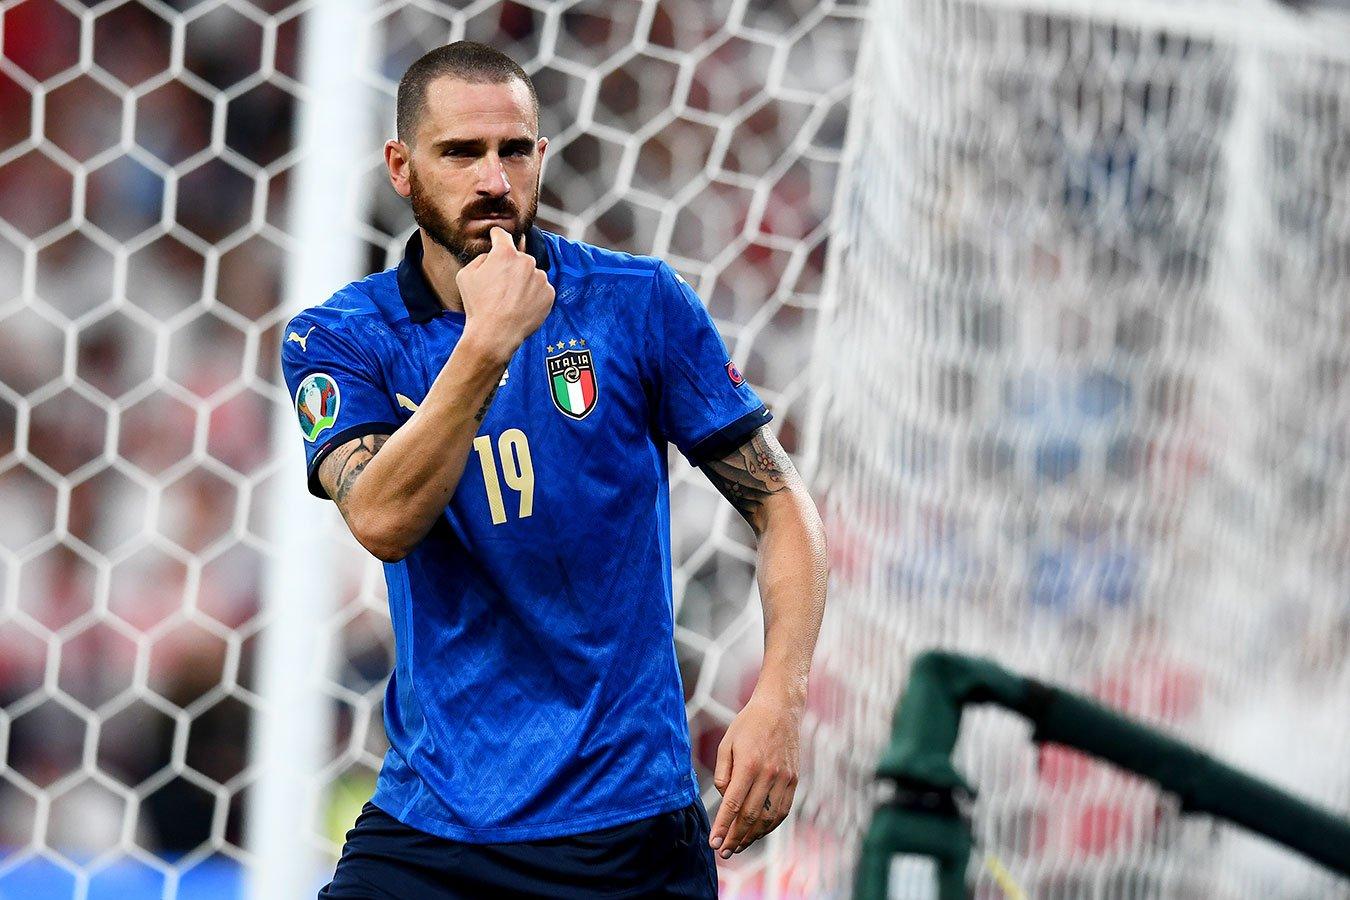 Бонуччи — самый возрастной автор гола в финалах чемпионата Европы